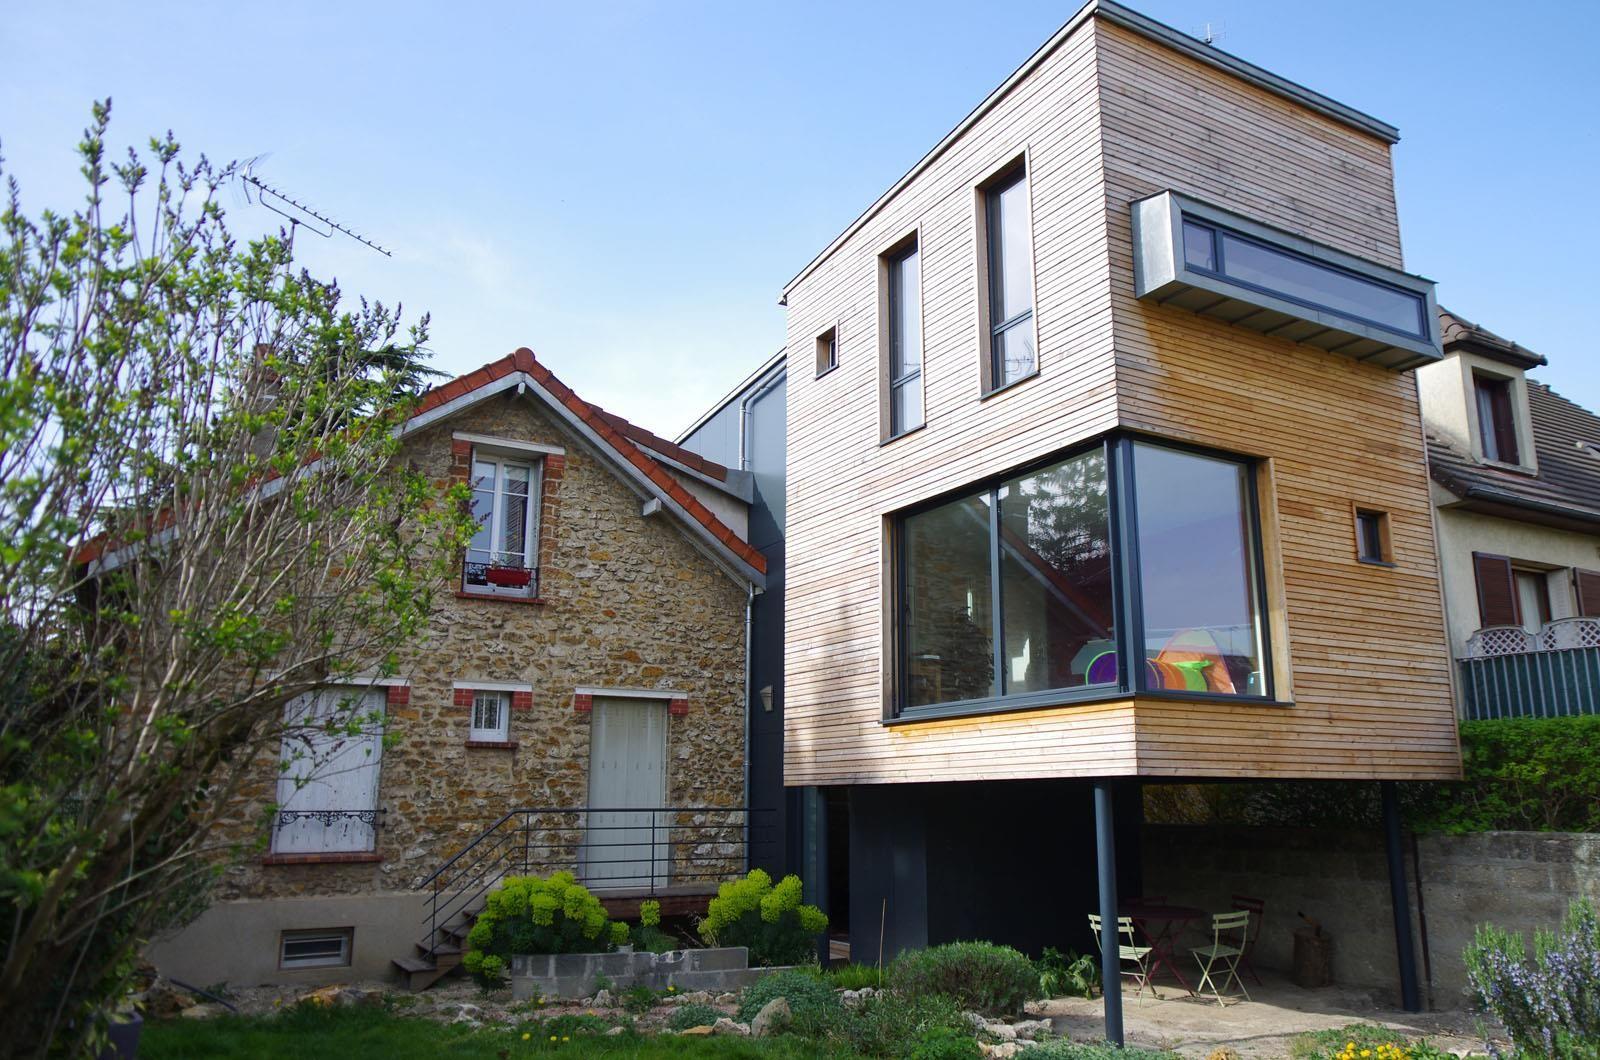 extension gris fonc en contraste avec la maison blanche dans r novation maison ann e 50 id e. Black Bedroom Furniture Sets. Home Design Ideas